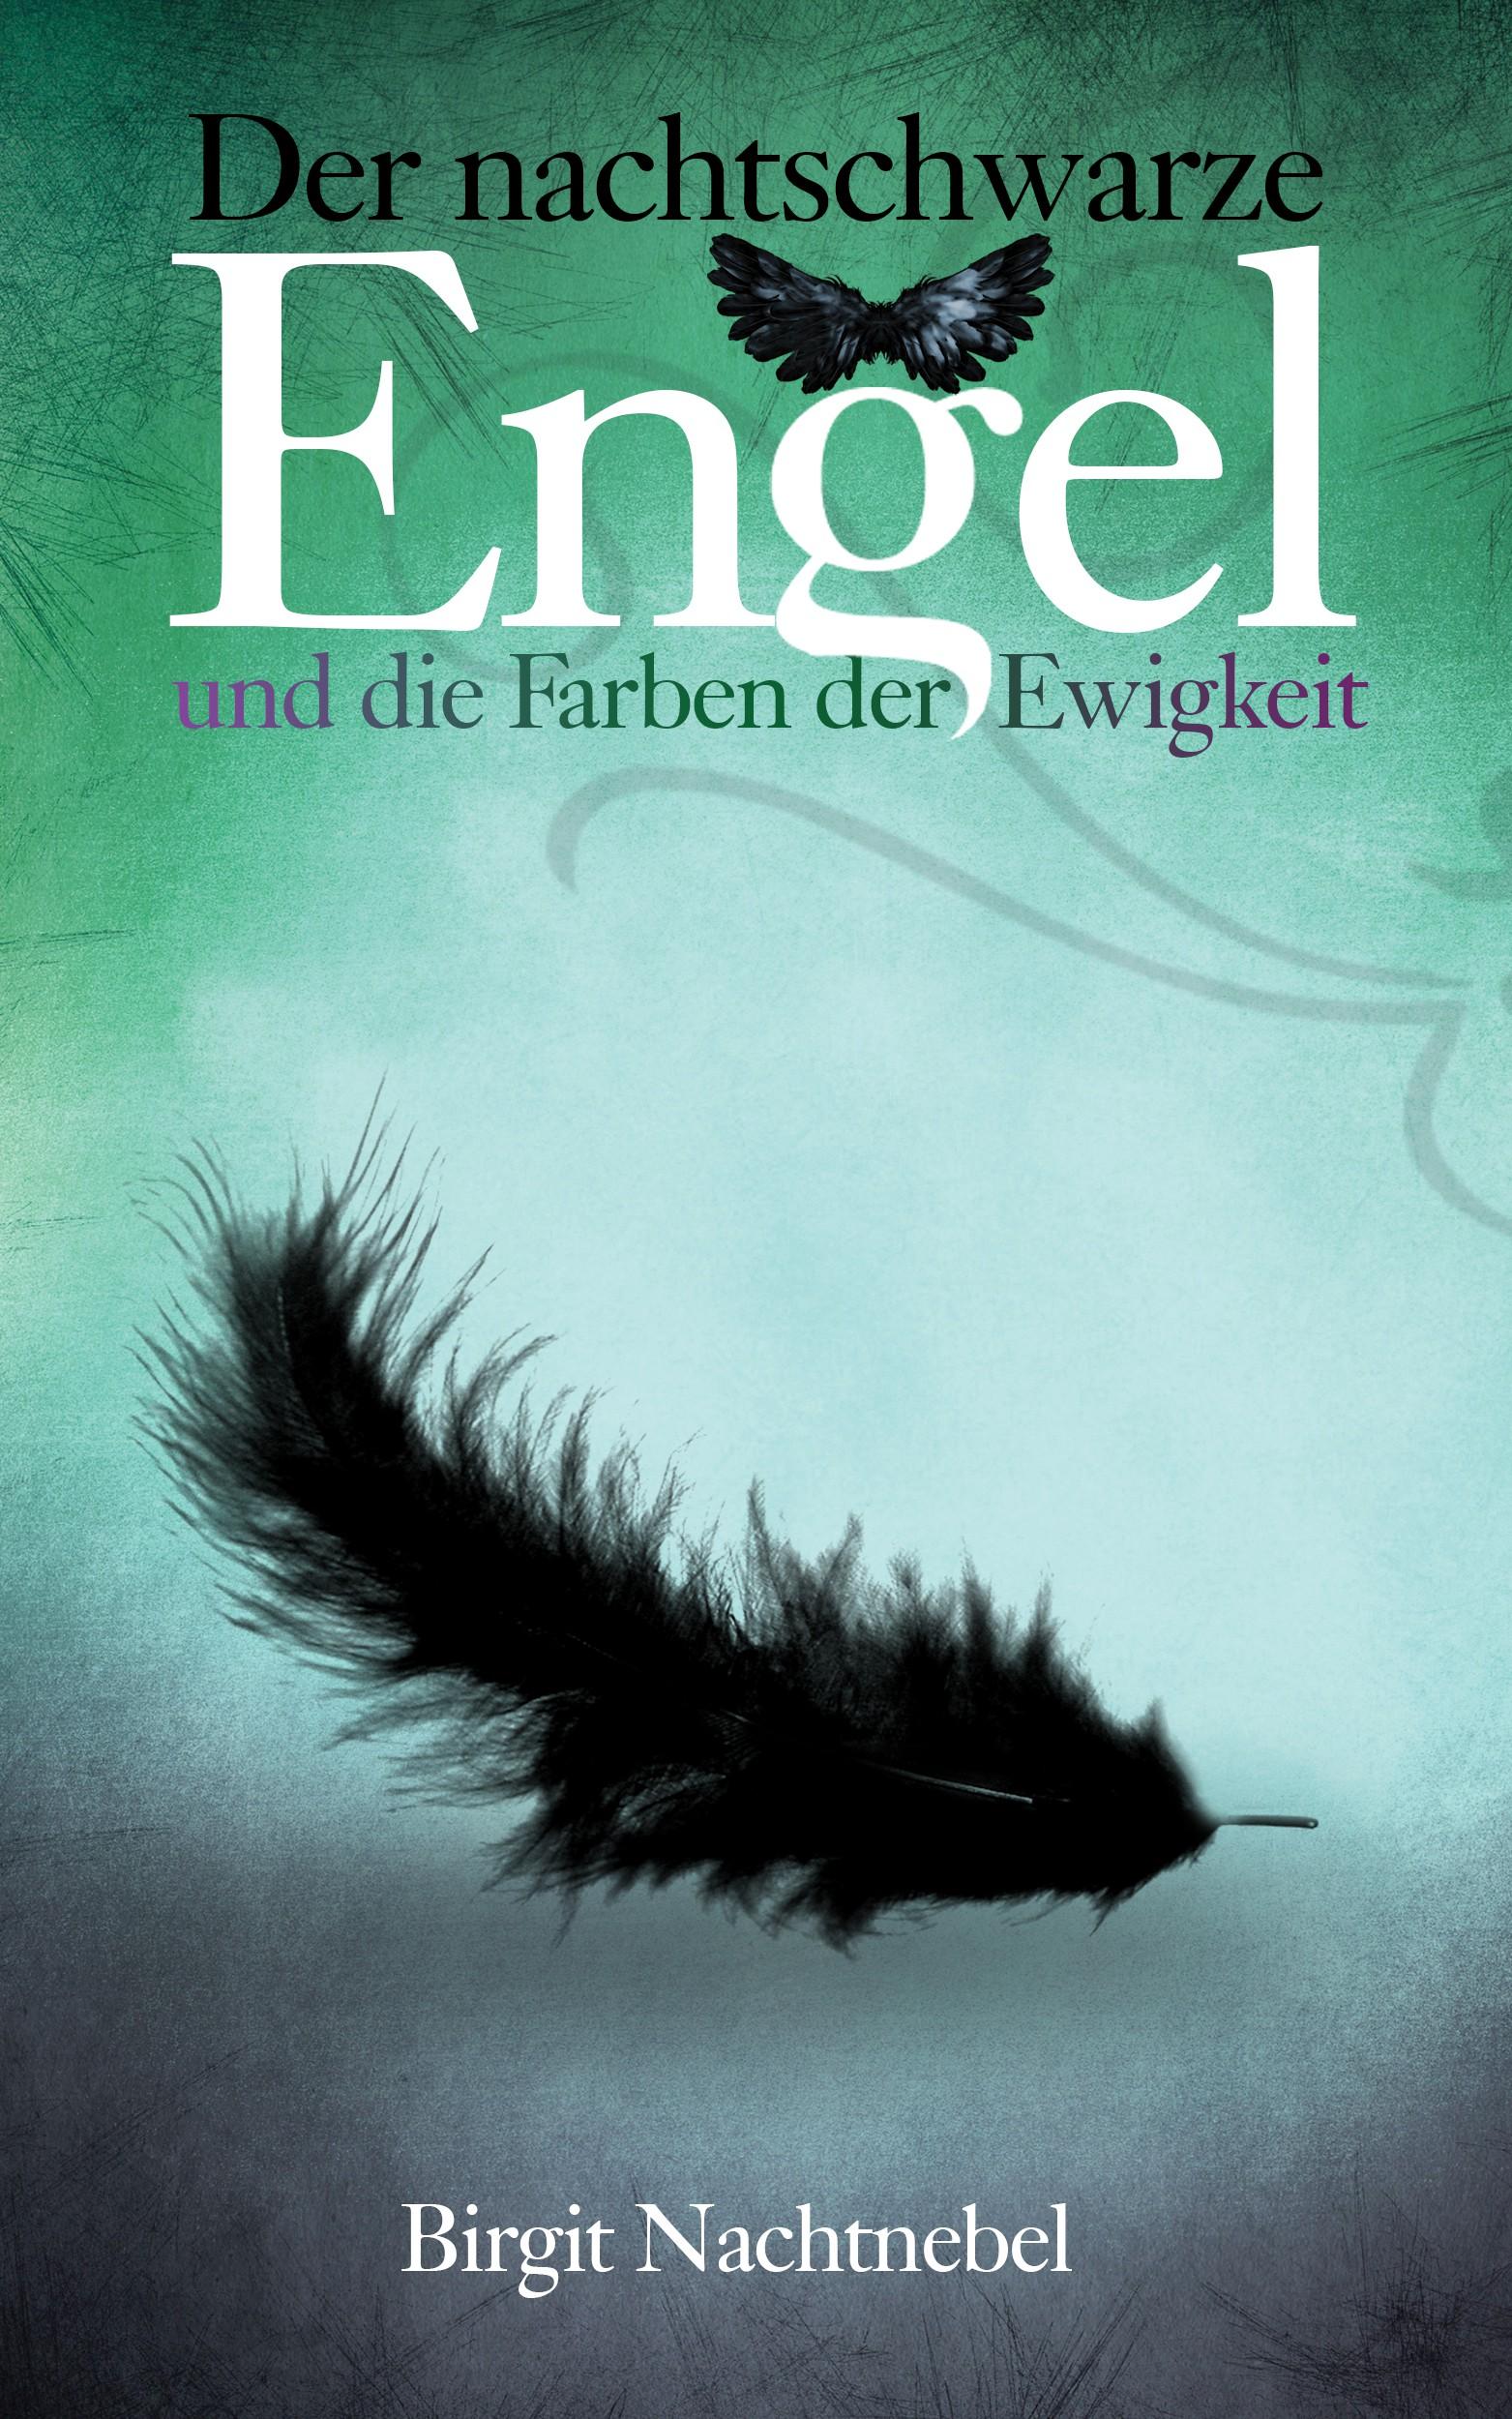 Book Cover ROMANTASY!:) Zaubere mir ein atemberaubend schönes Buchcover, das zum Träumen verführt!